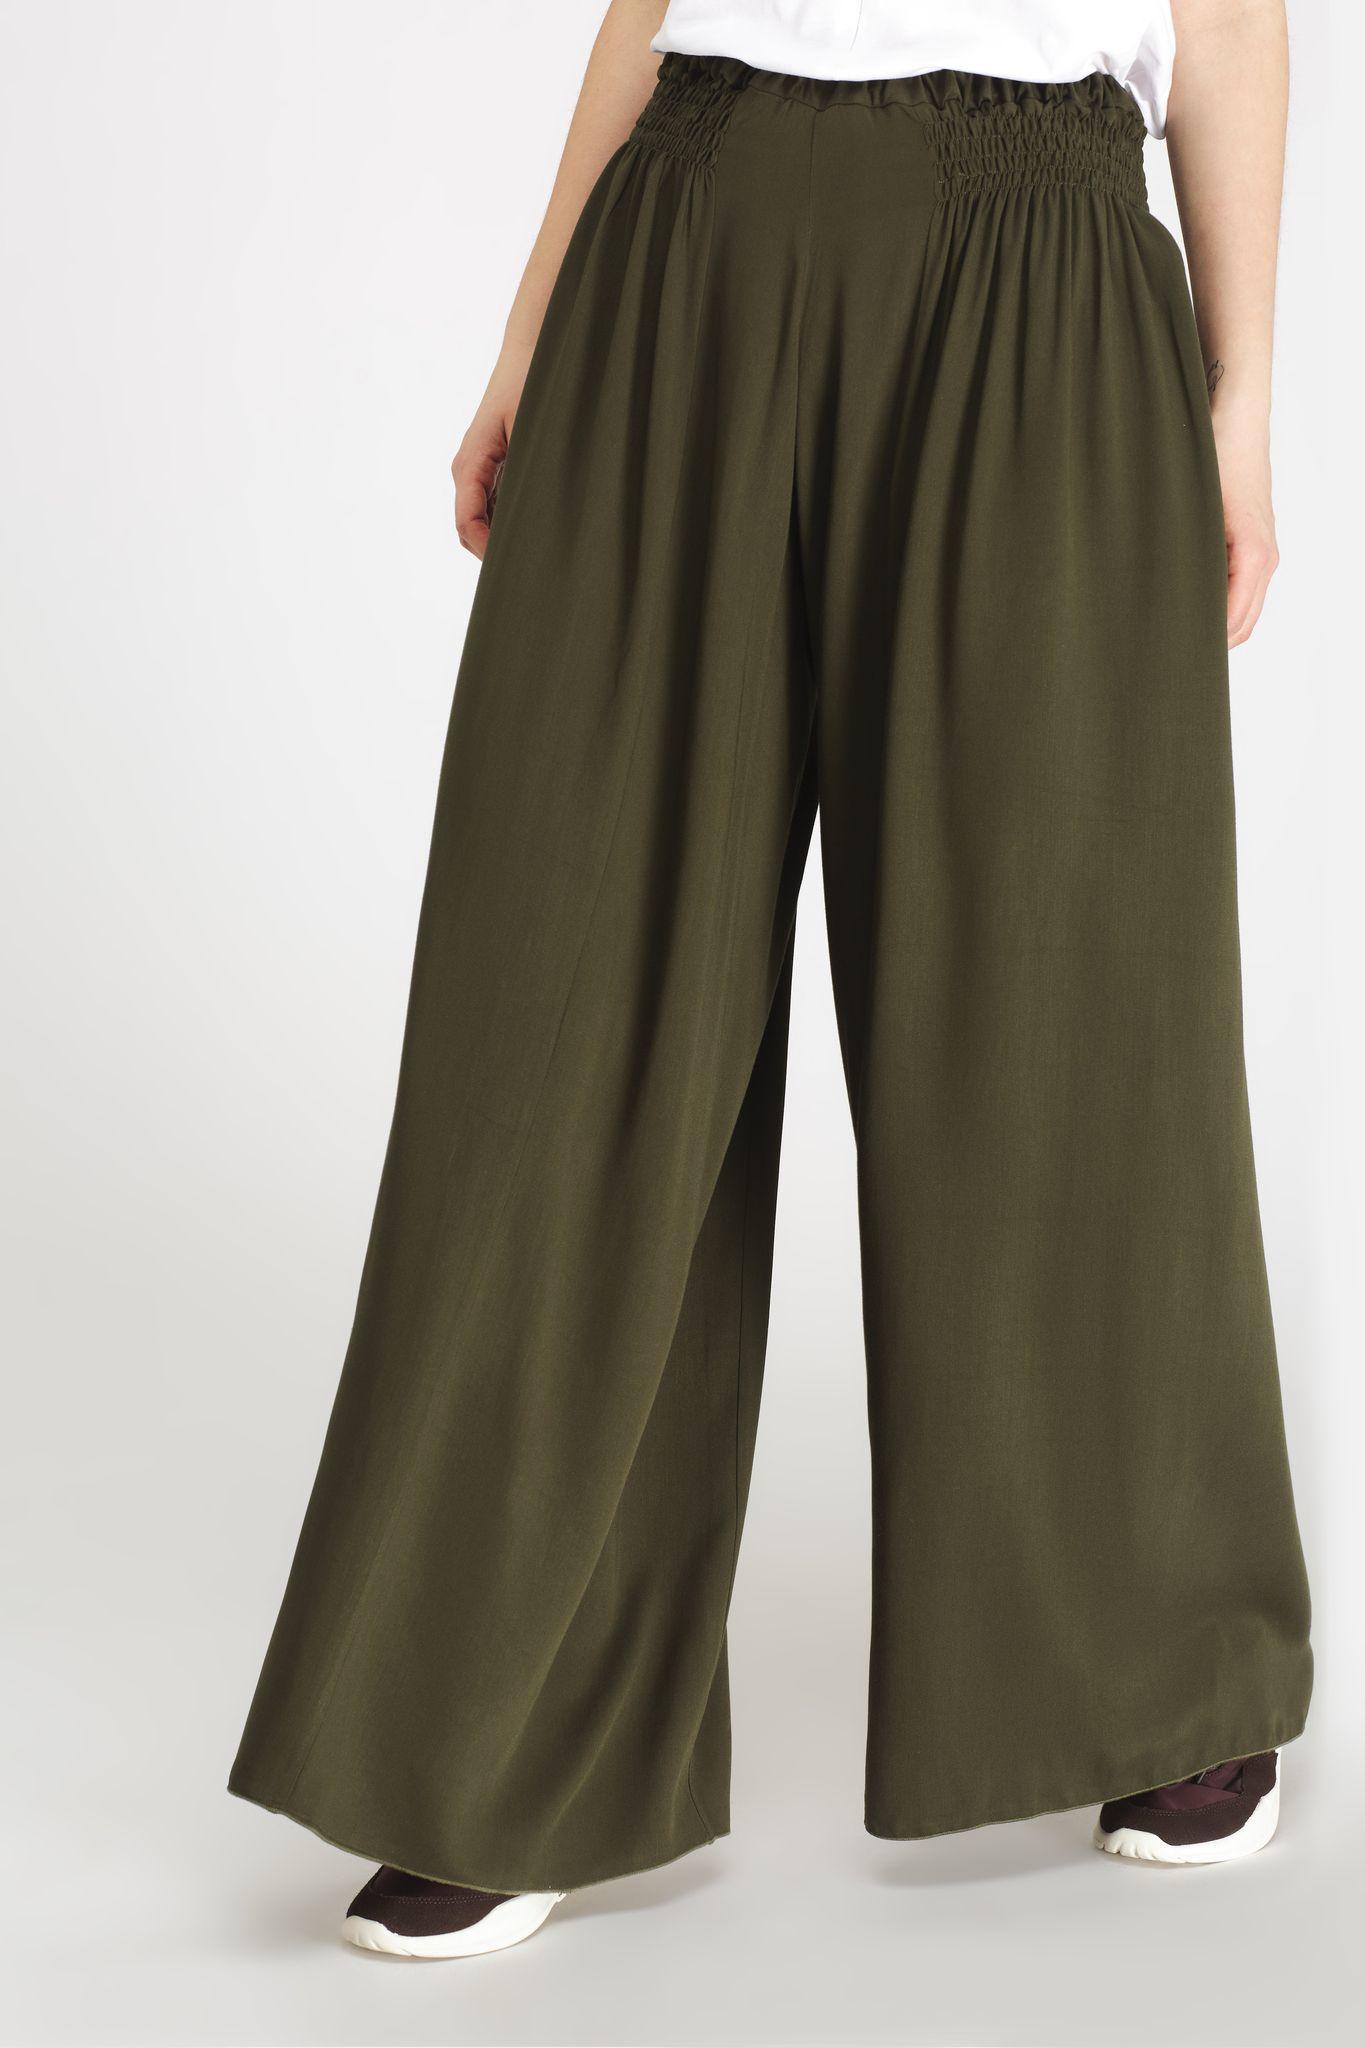 Выбор штанов и брюк для беременных - фото 5